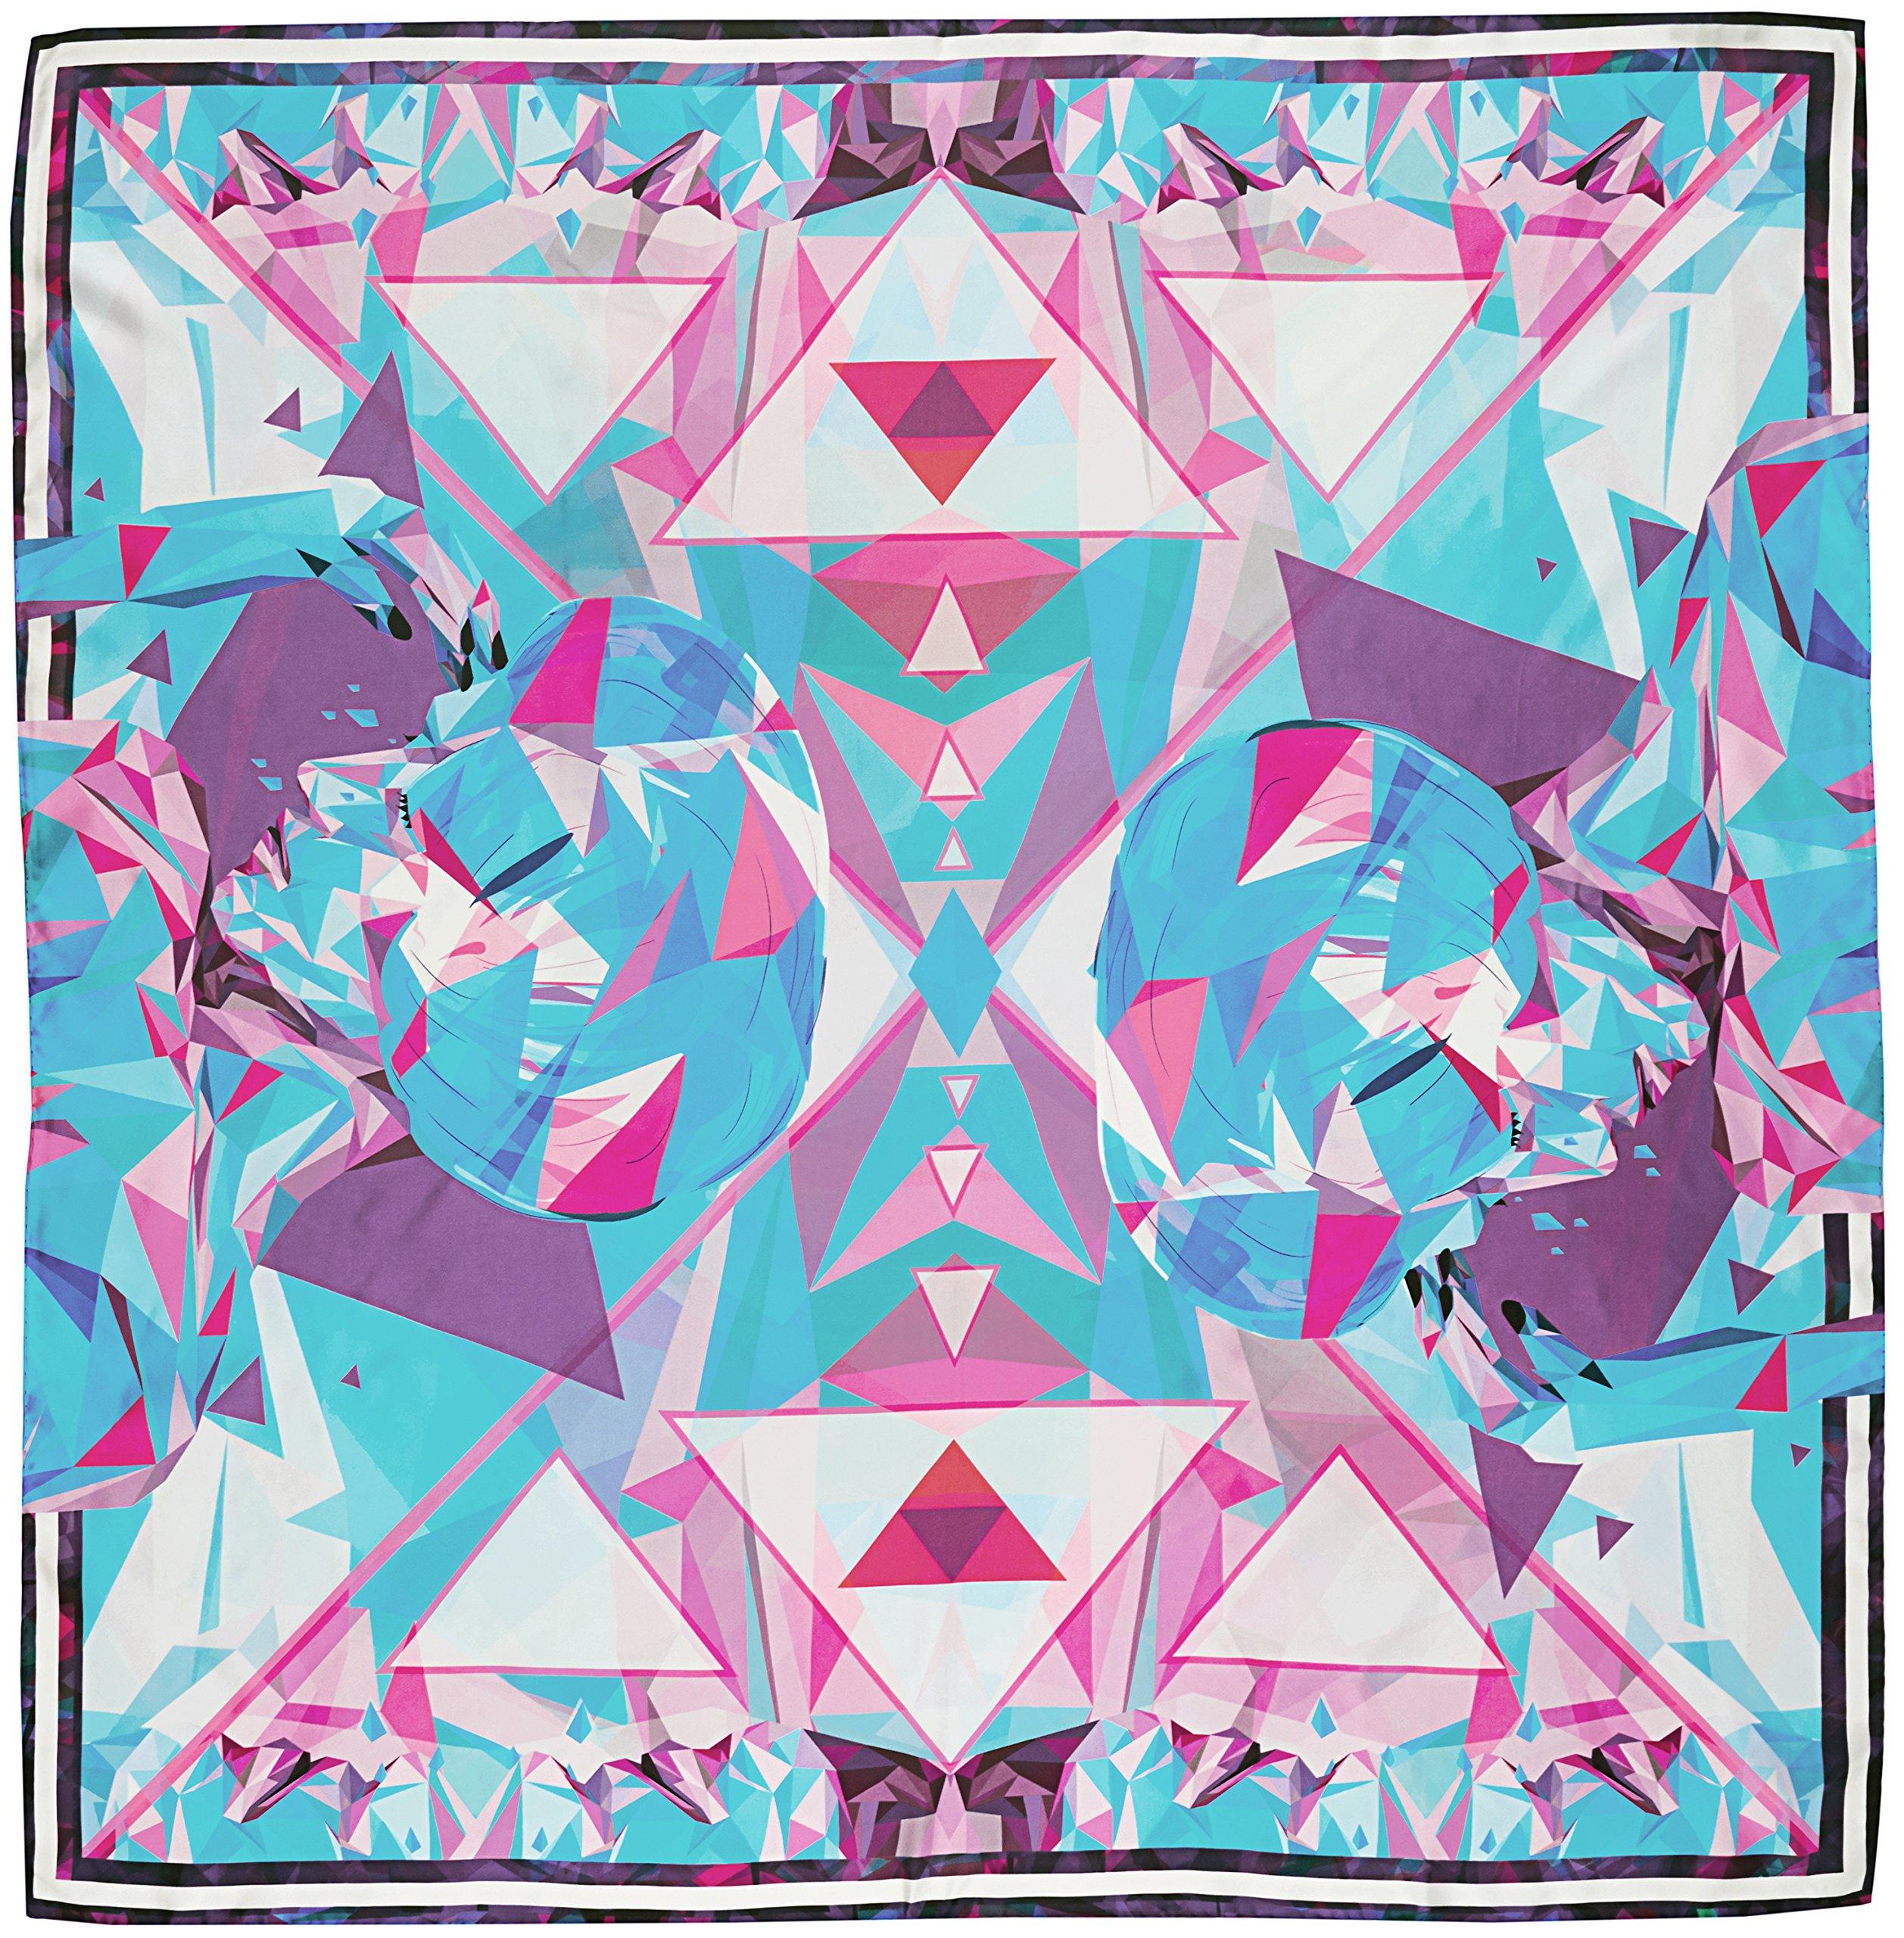 R. Culturi Handmade in Italy Silk Twill Luxury Artwork Scarf Shawl (Blue/White) by R. Culturi